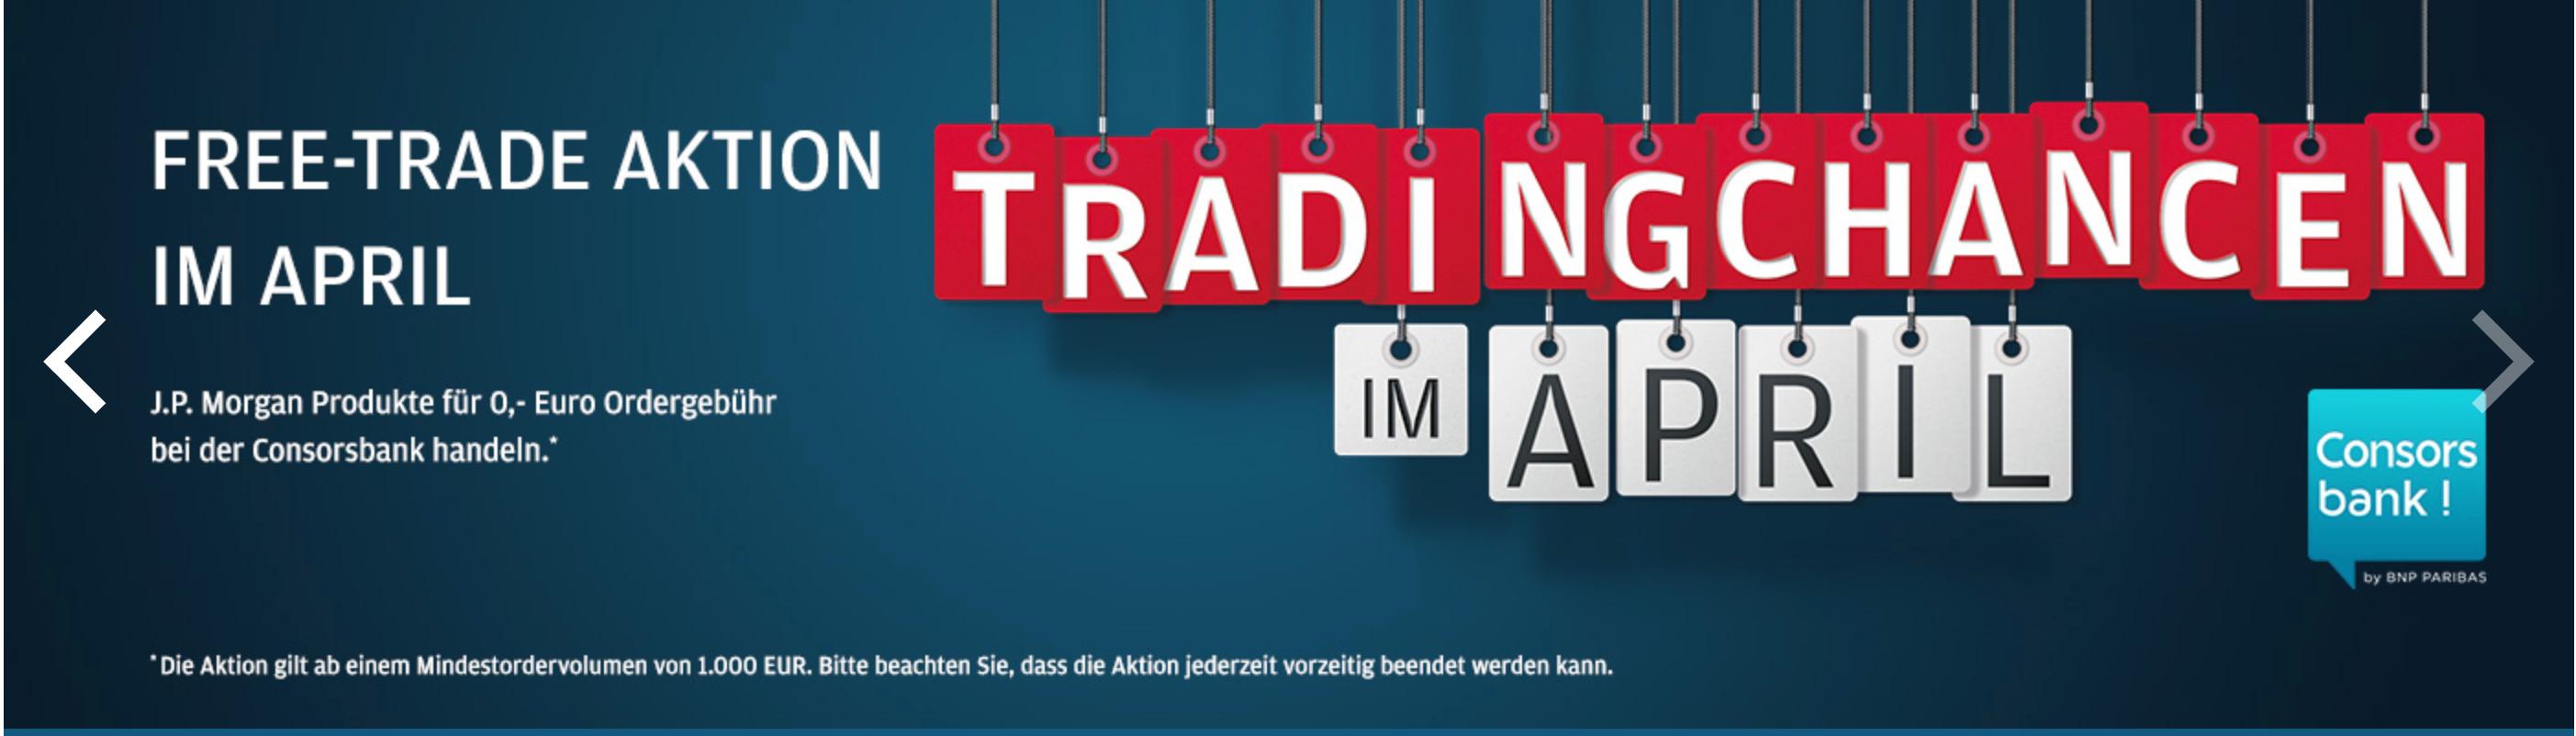 WACKER-CHEMIE-Kaufsignale-Kein-Problem-für-diese-Aktie-Chartanalyse-Johannes-Büttner-GodmodeTrader.de-1